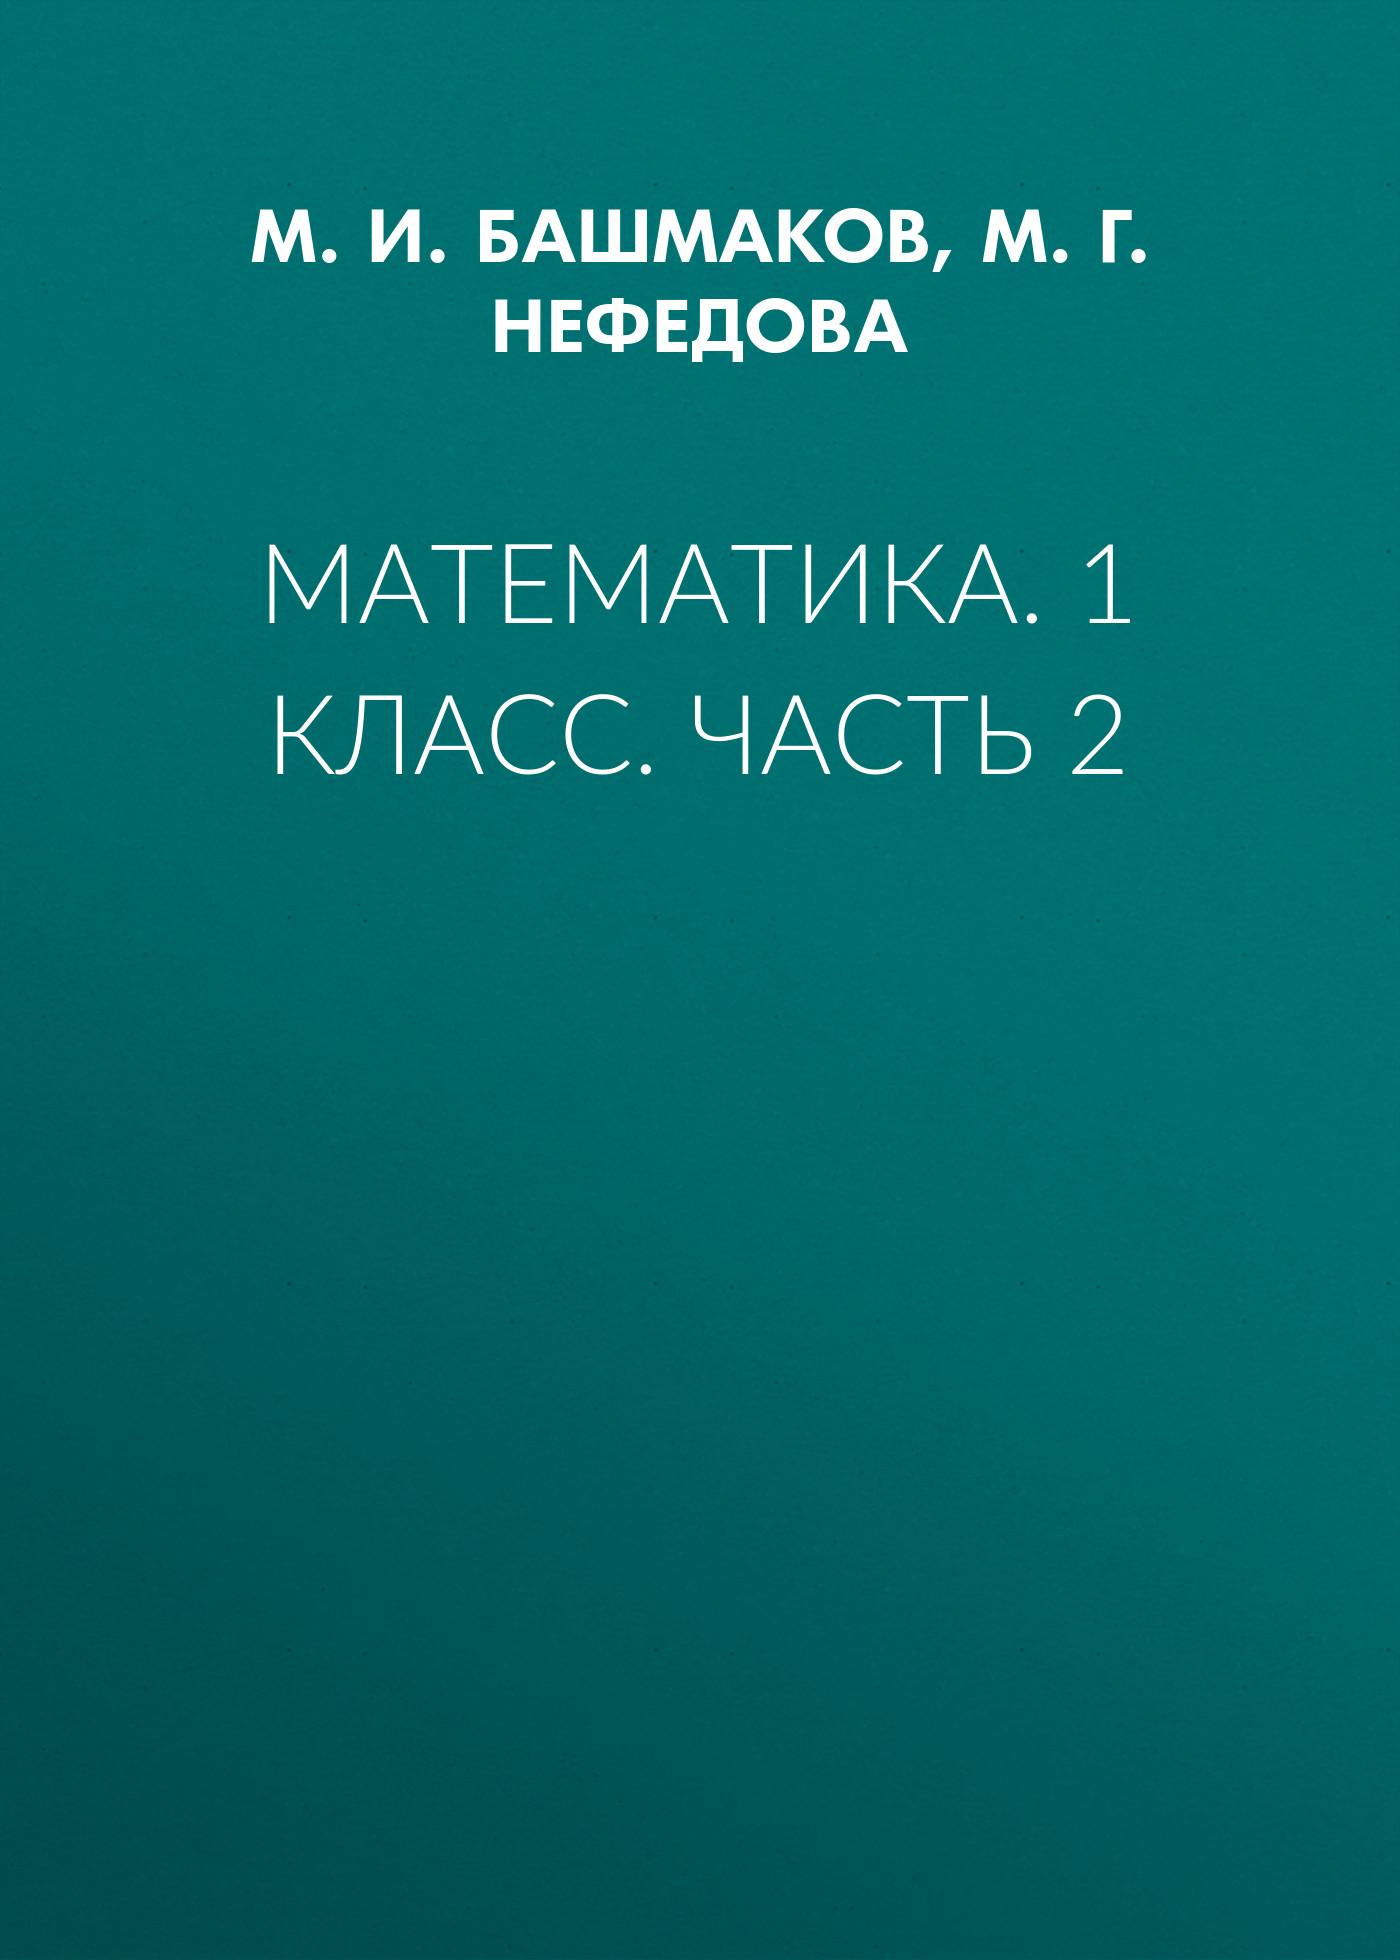 М. И. Башмаков Математика. 1 класс. Часть 2 буряк м карышева е чтение с увлечением 1 класс интегрированный образовательный курс cd